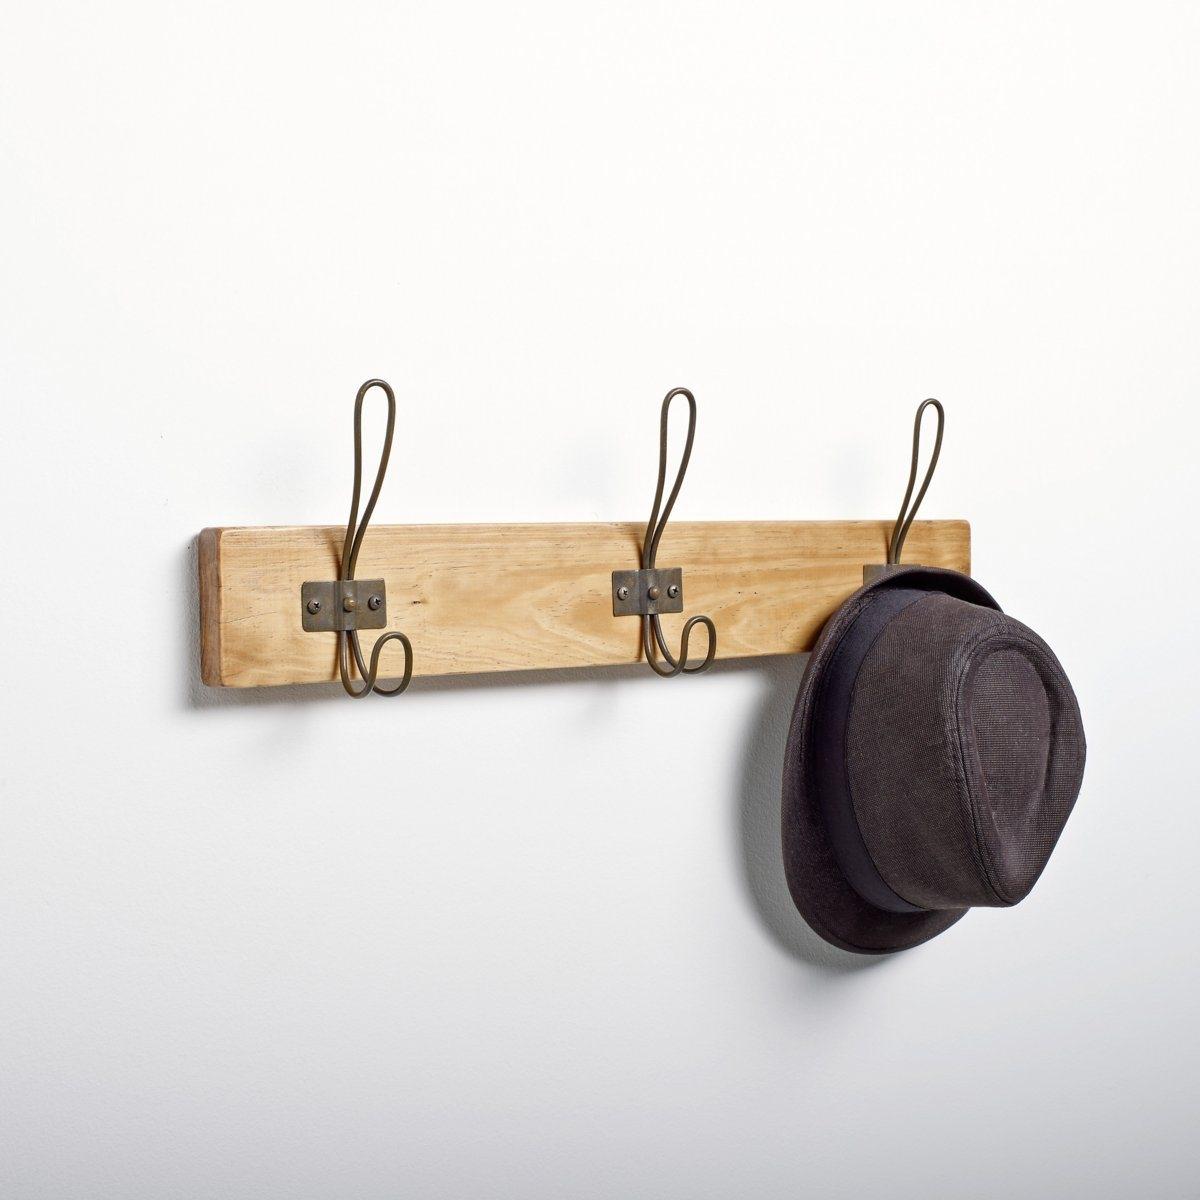 Вешалка настеннаяХарактеристики настенной вешалки :- Каркас : из гельвеи  3 металлических крючка .Размеры настенной вешалки :Ш.57,5 x В.17,5 x Г.8 см.<br><br>Цвет: светлое дерево медовый,темно-бежевый<br>Размер: единый размер